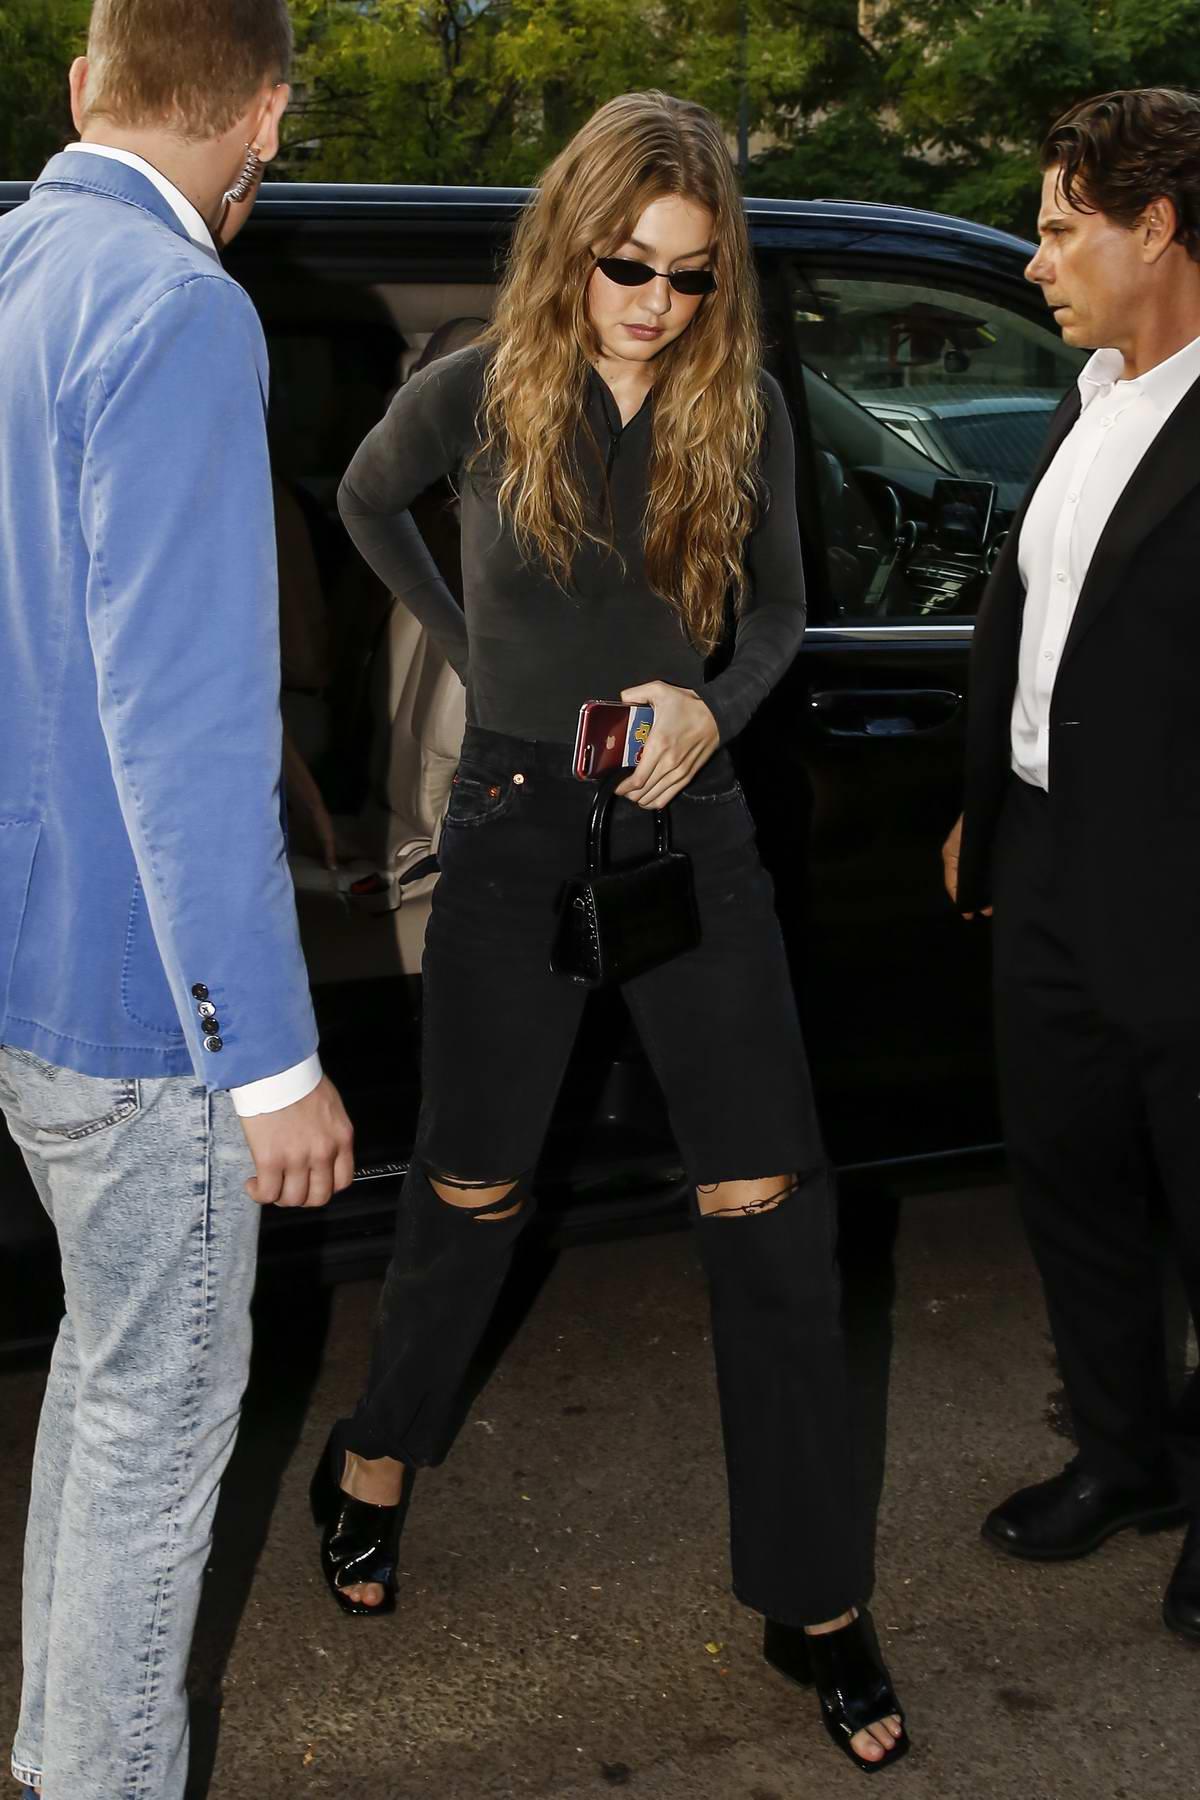 Gigi Hadid arrives to Fendi fittings during Milan Fashion Week in Milan, Italy